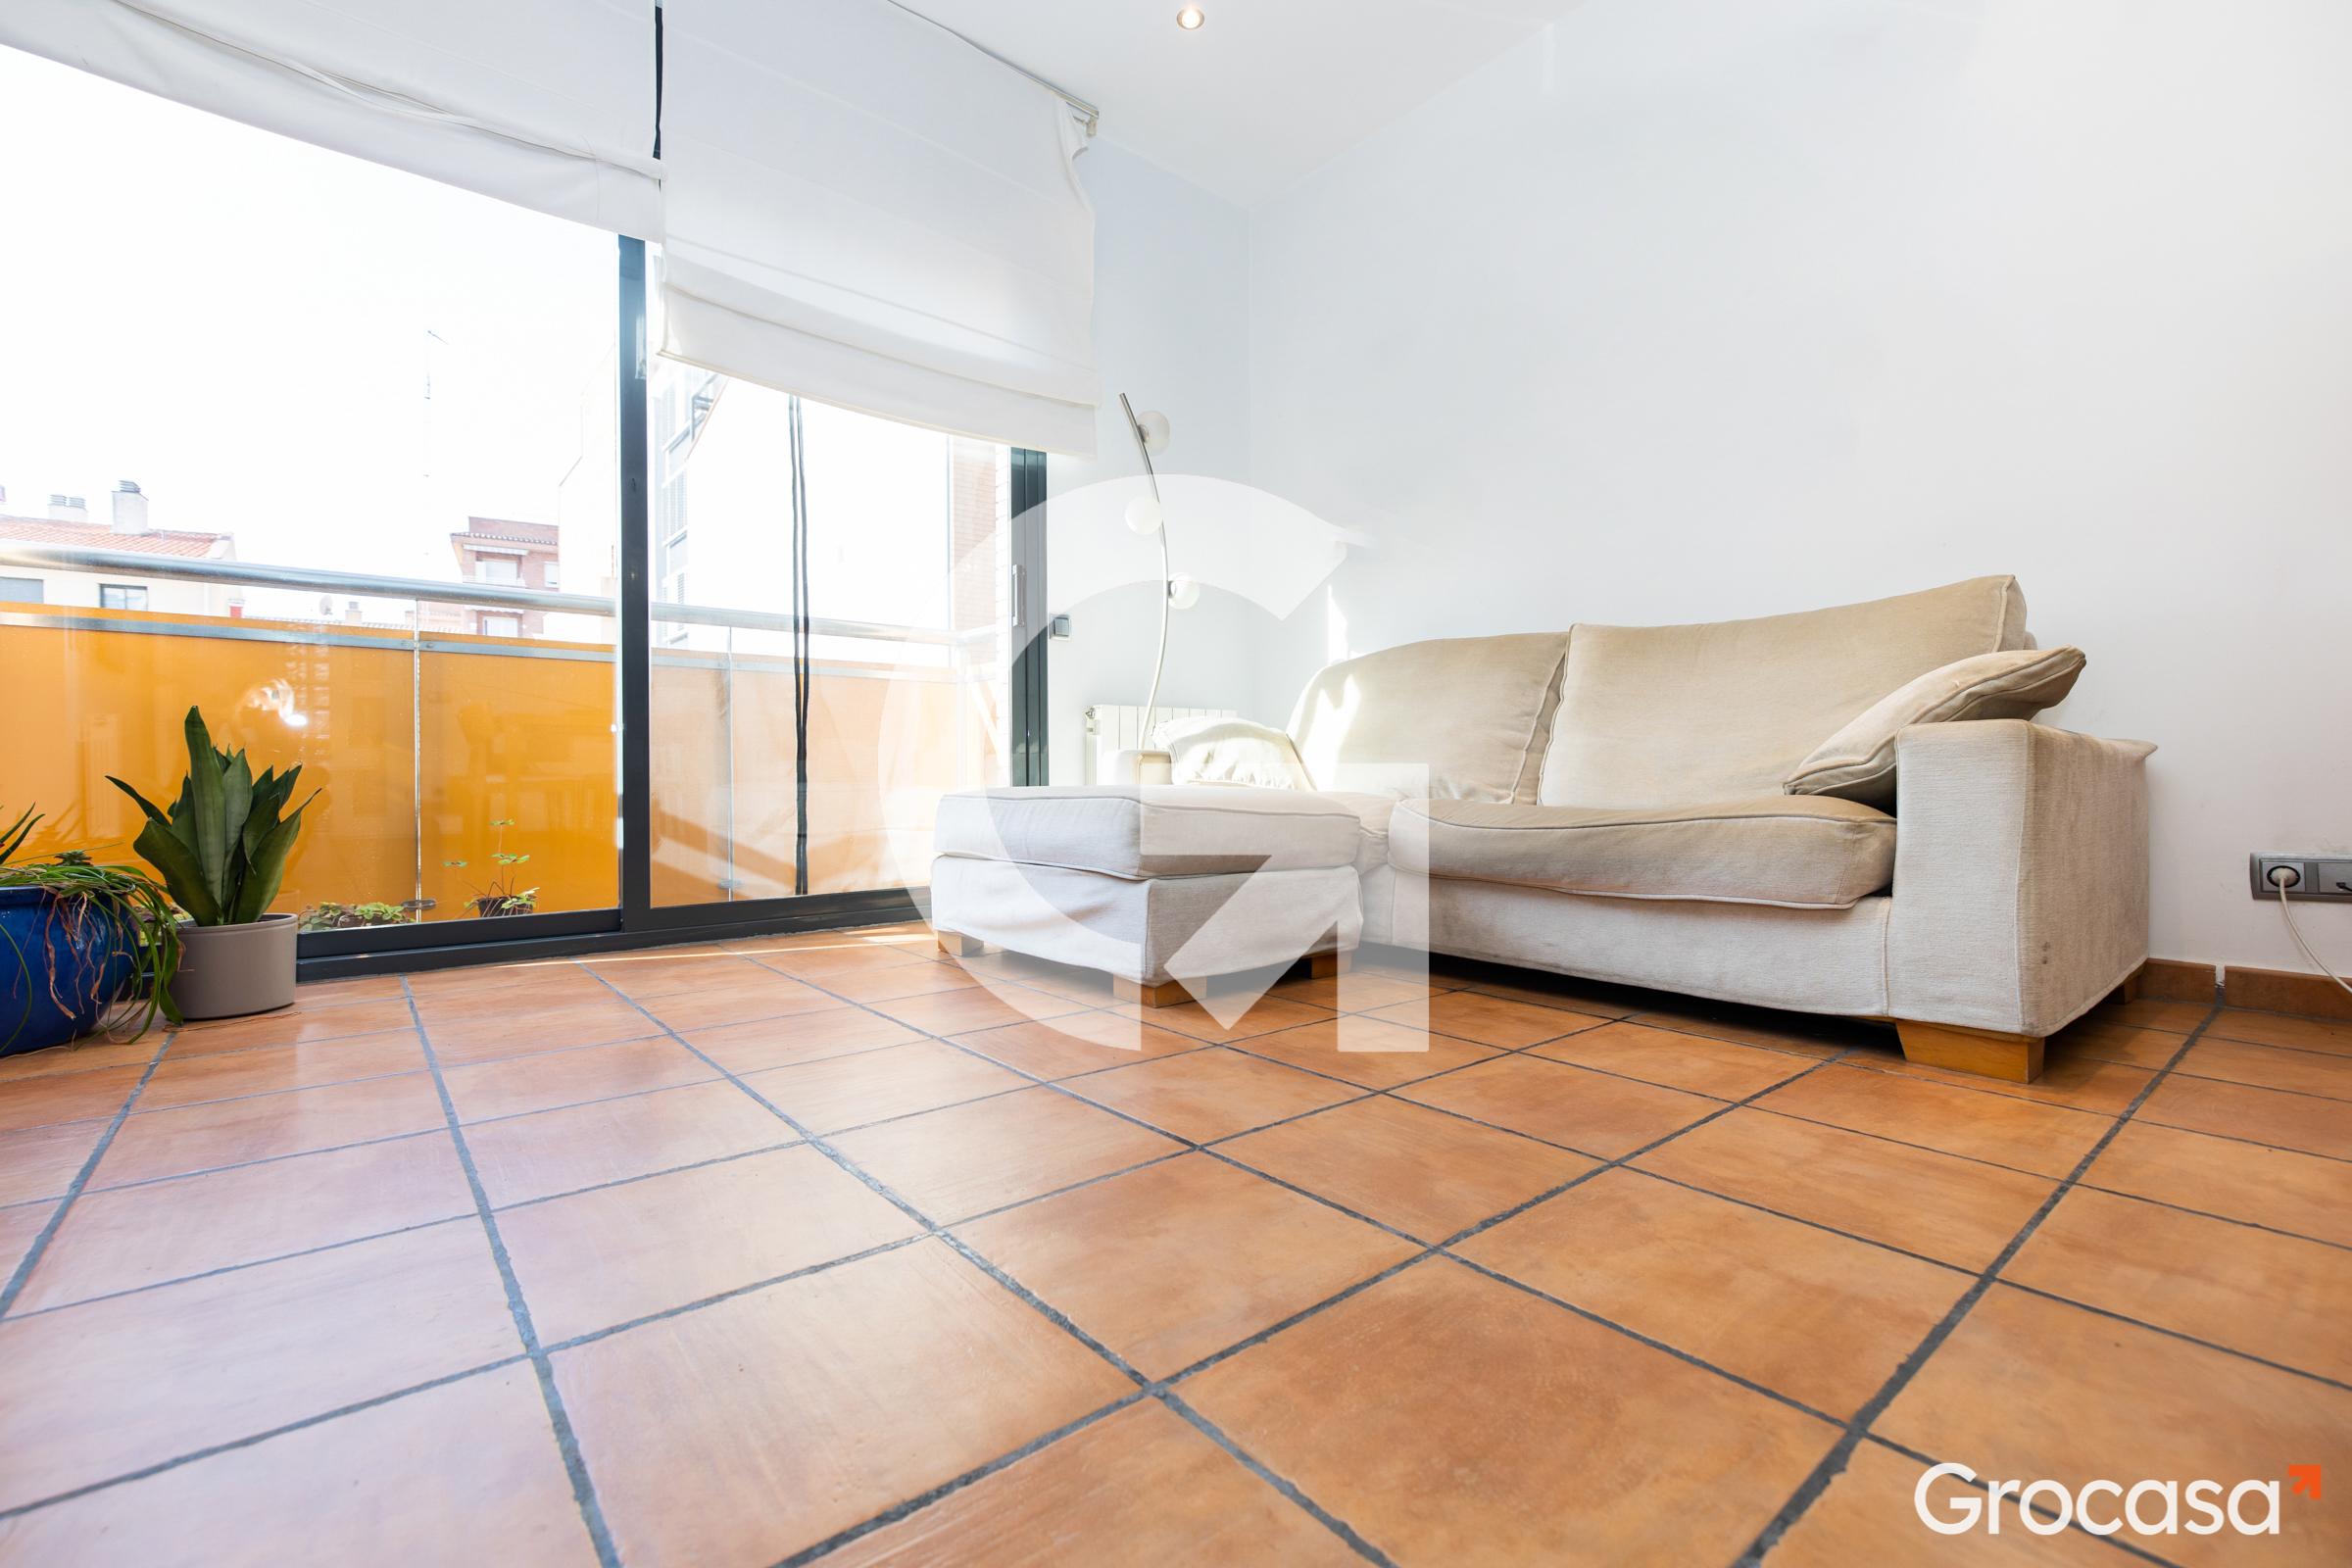 Casa en Pep ventura en Badalona en Venta por 495.000€